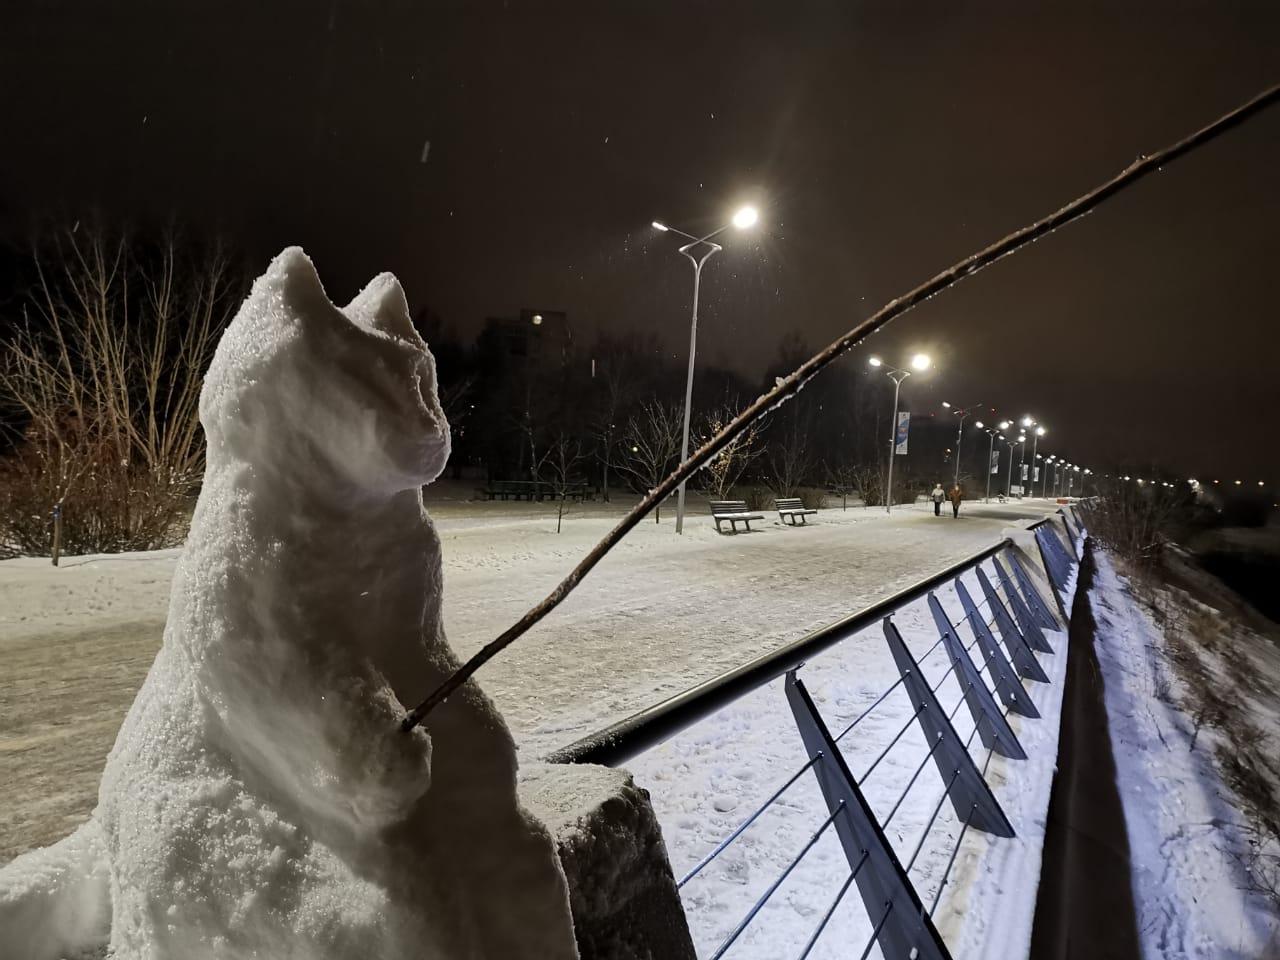 У бронзового тверского рыбака появился снежный кот-побратим в Дубне